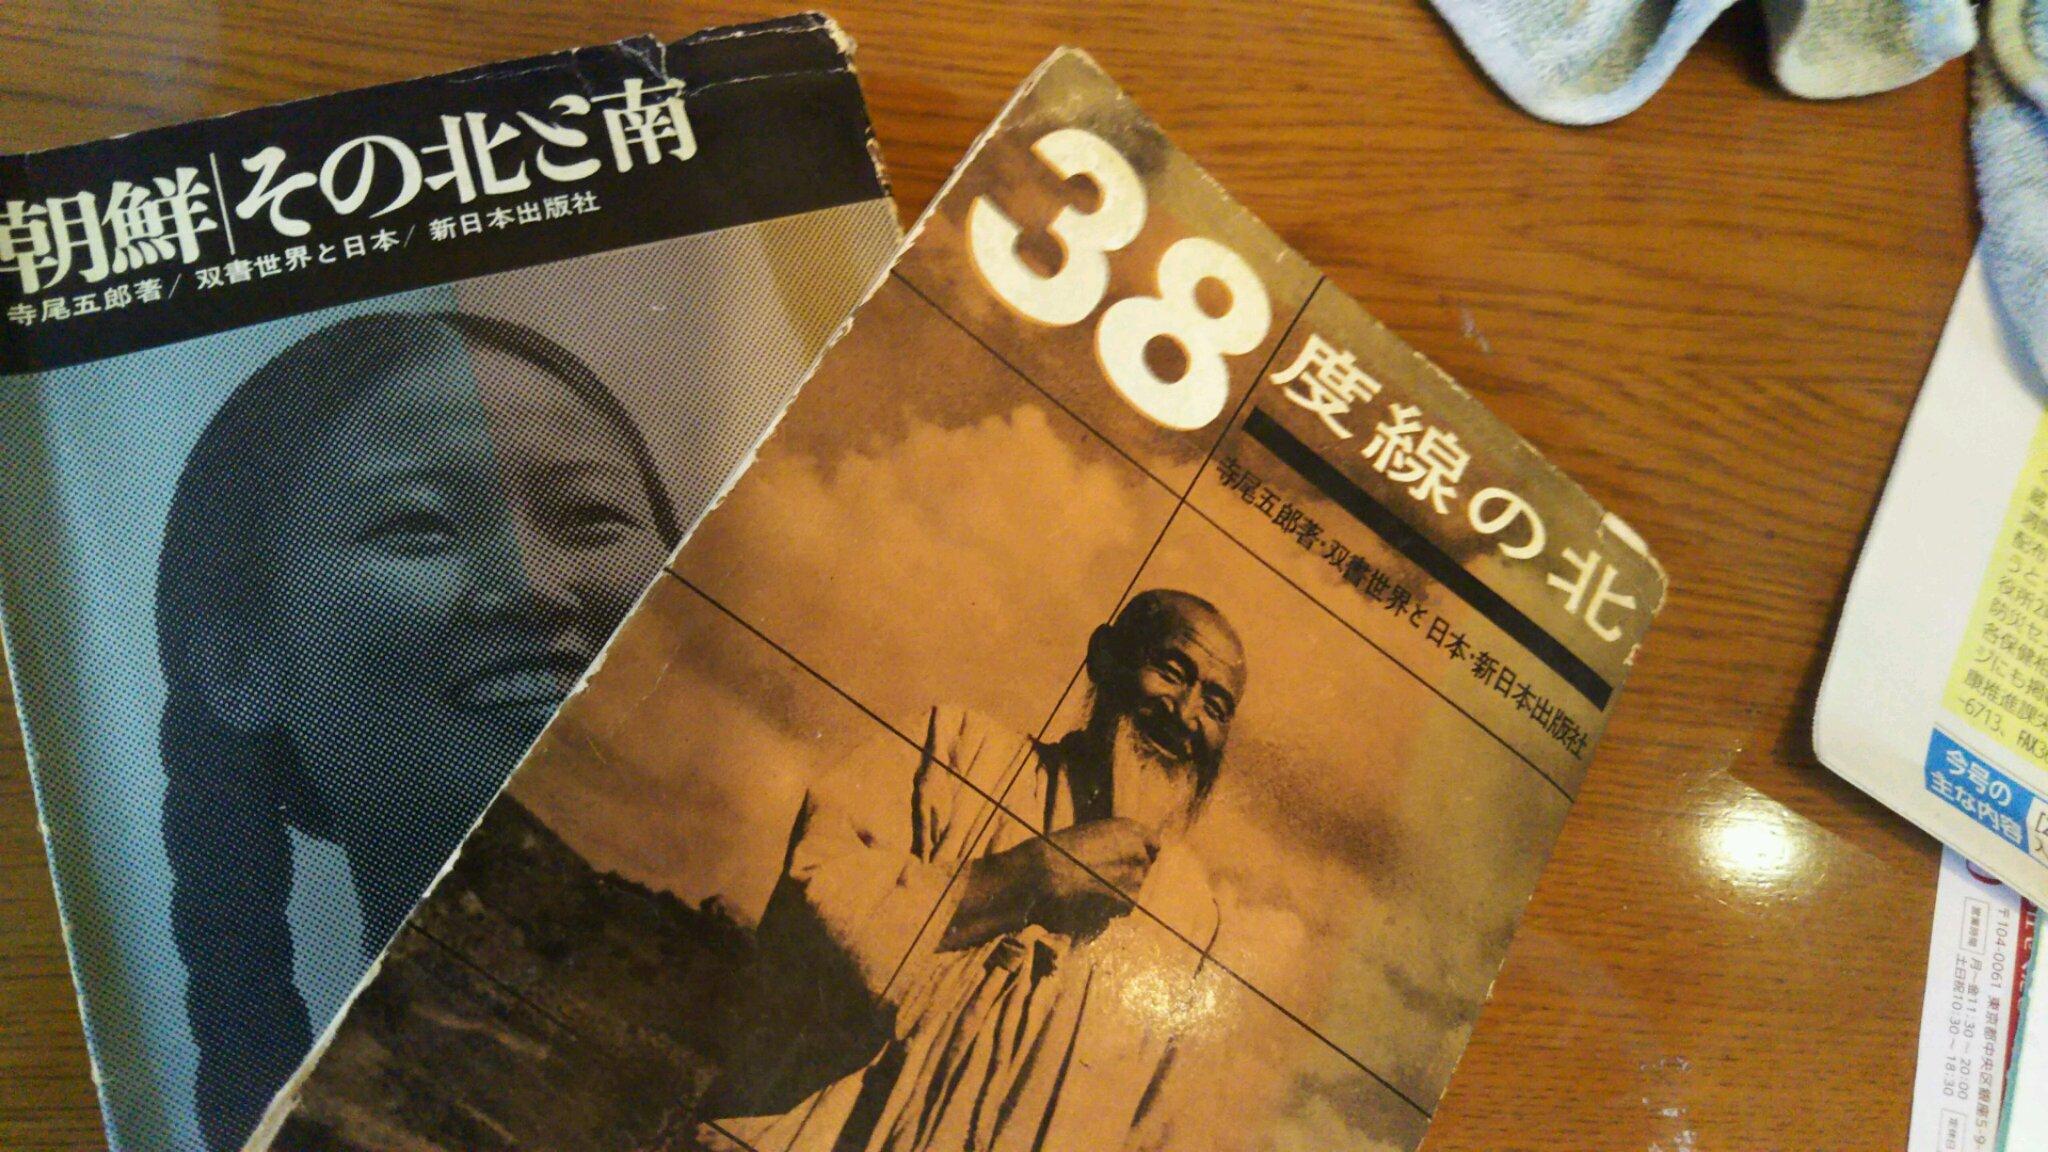 DSC_0119 寺尾五郎本。